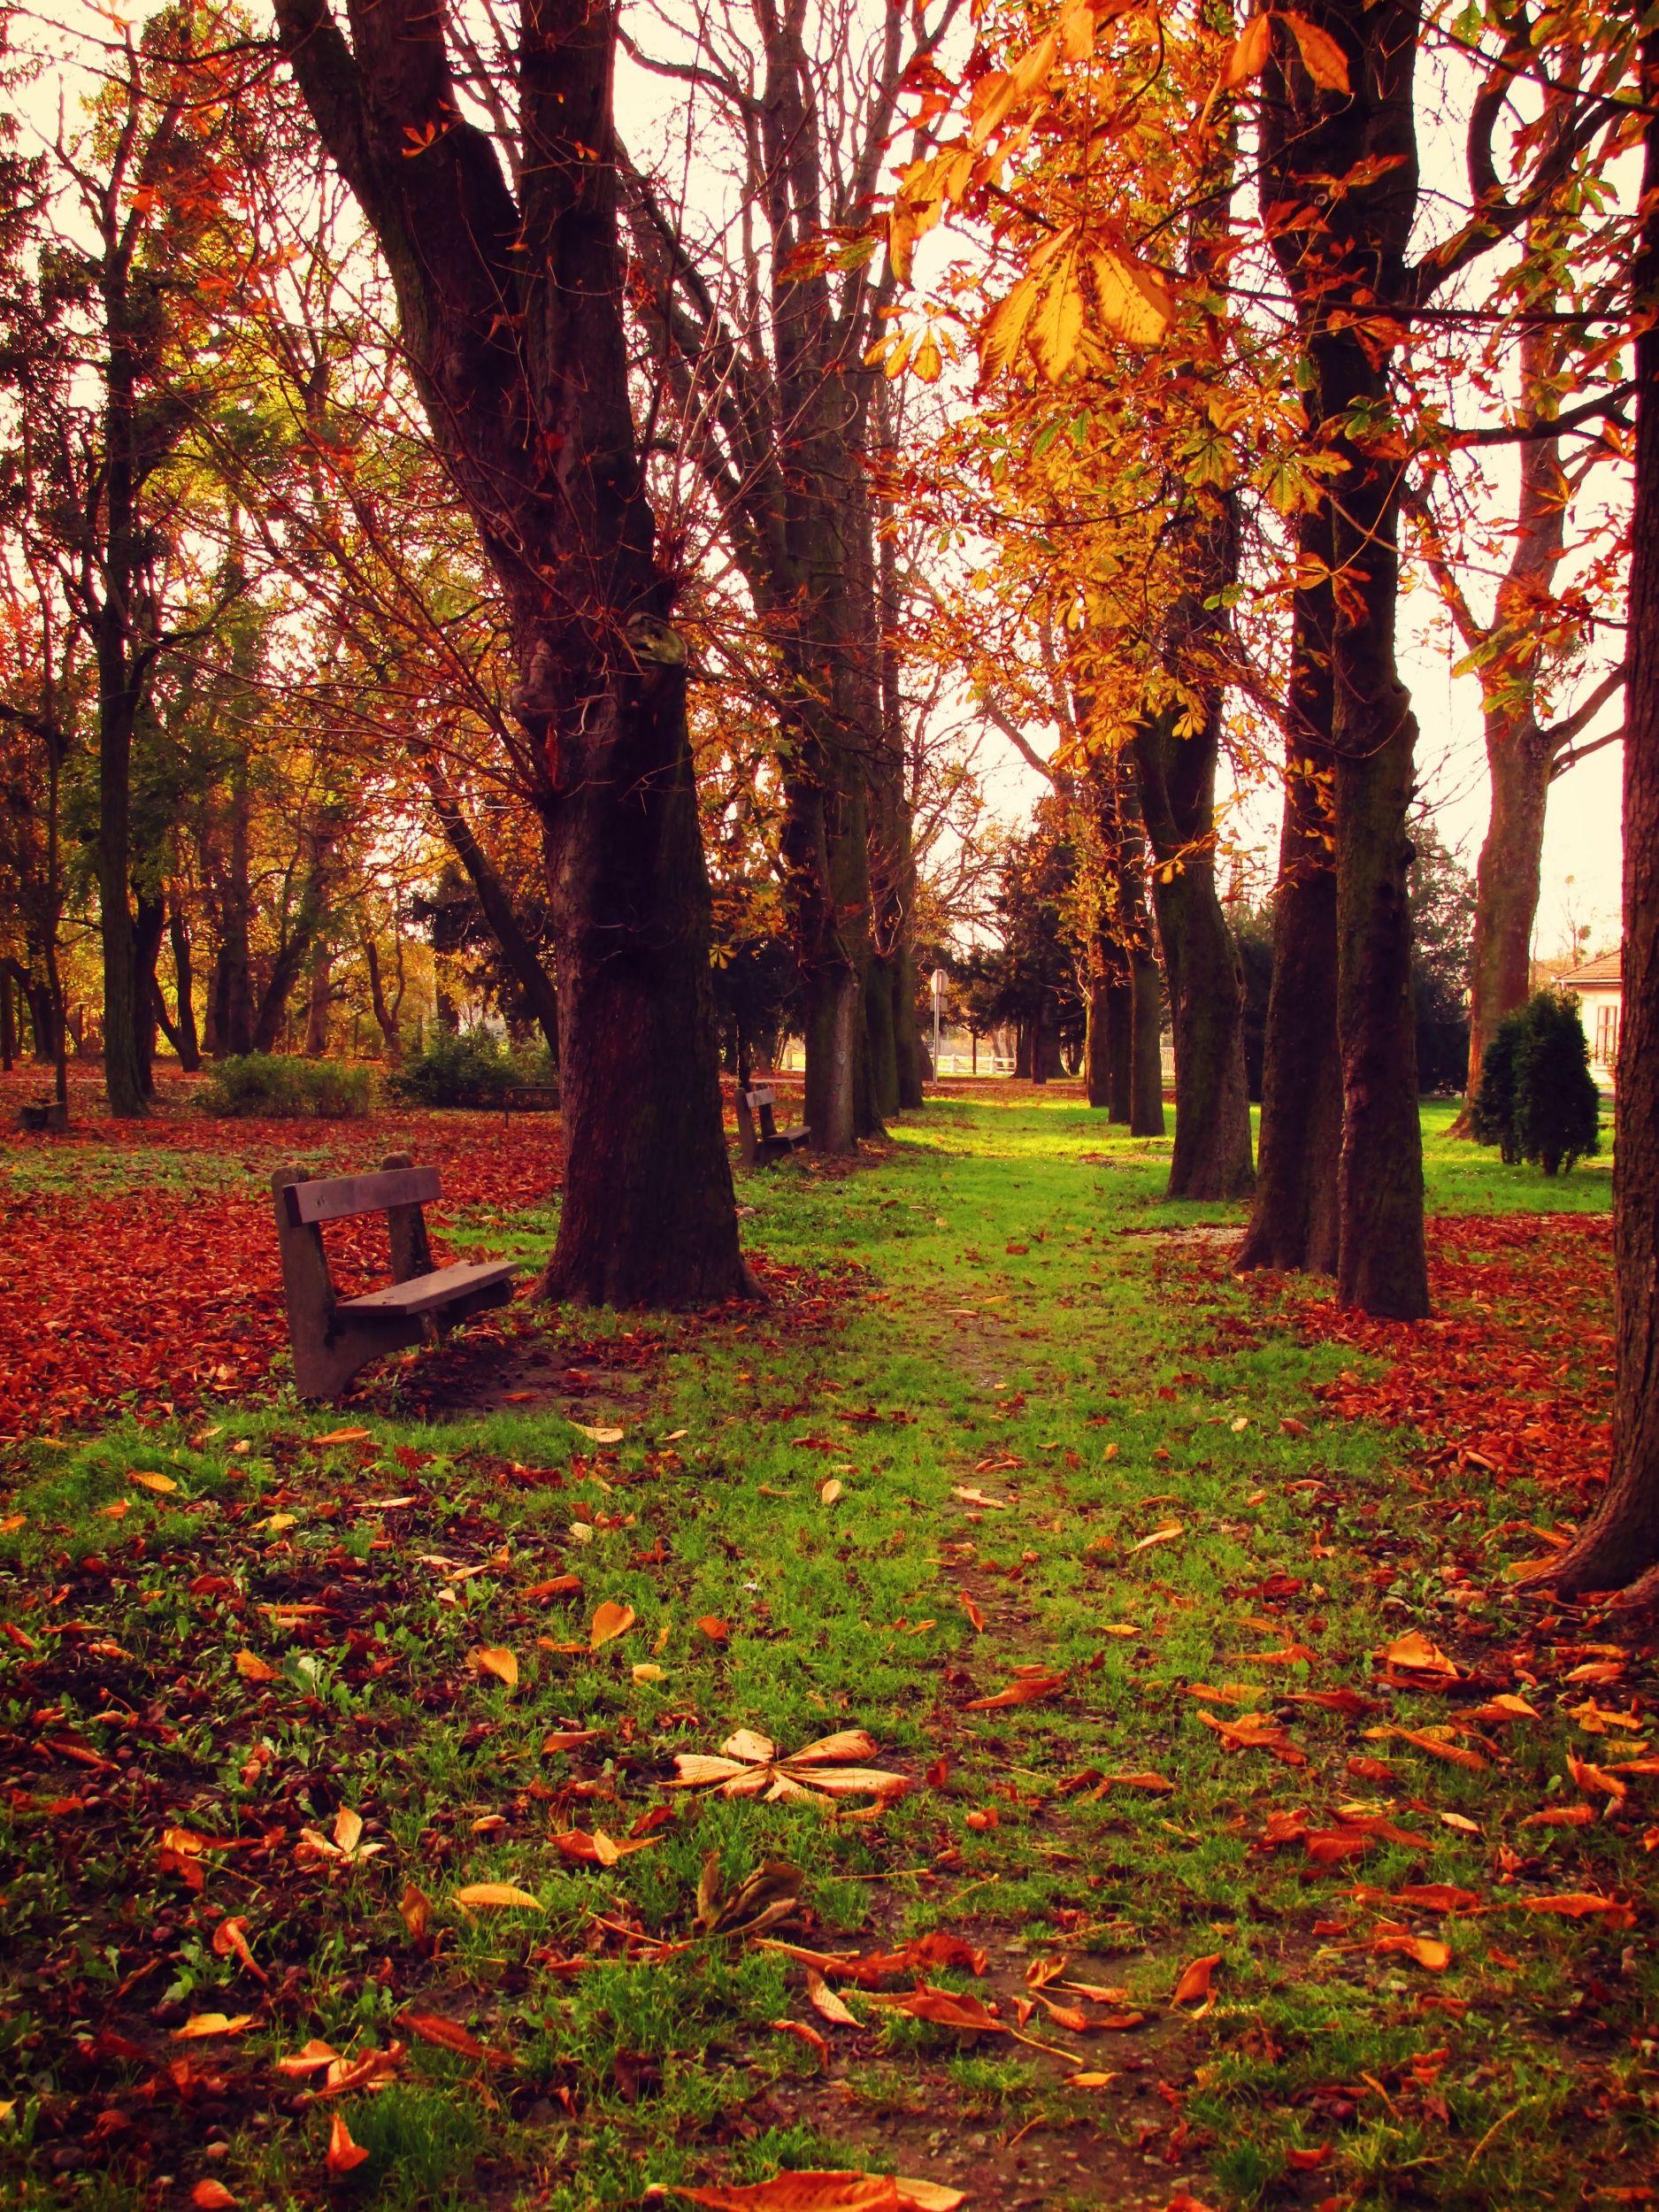 Autumn, November